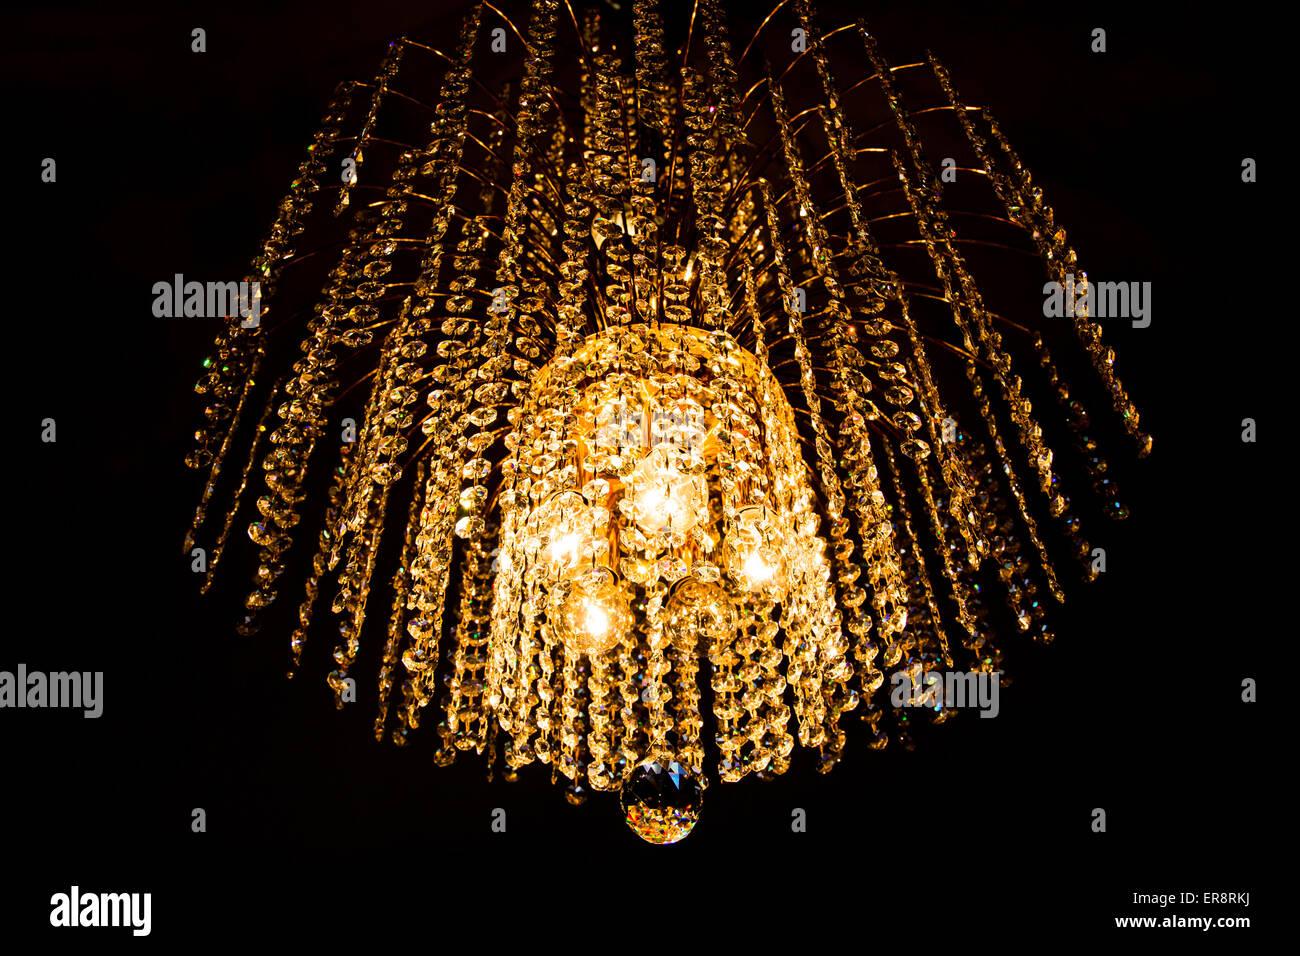 Kristall-Kronleuchter leuchtet mit goldenem Licht auf dunklem Hintergrund Stockbild